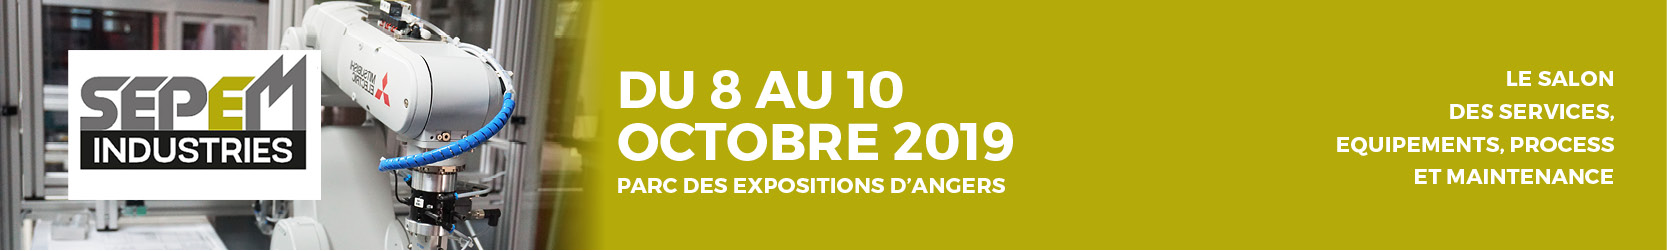 Le salon des services, équipements, process et maintenance a lieu au parc des expositions d'Angers du 8 au 10 octobre 2019.